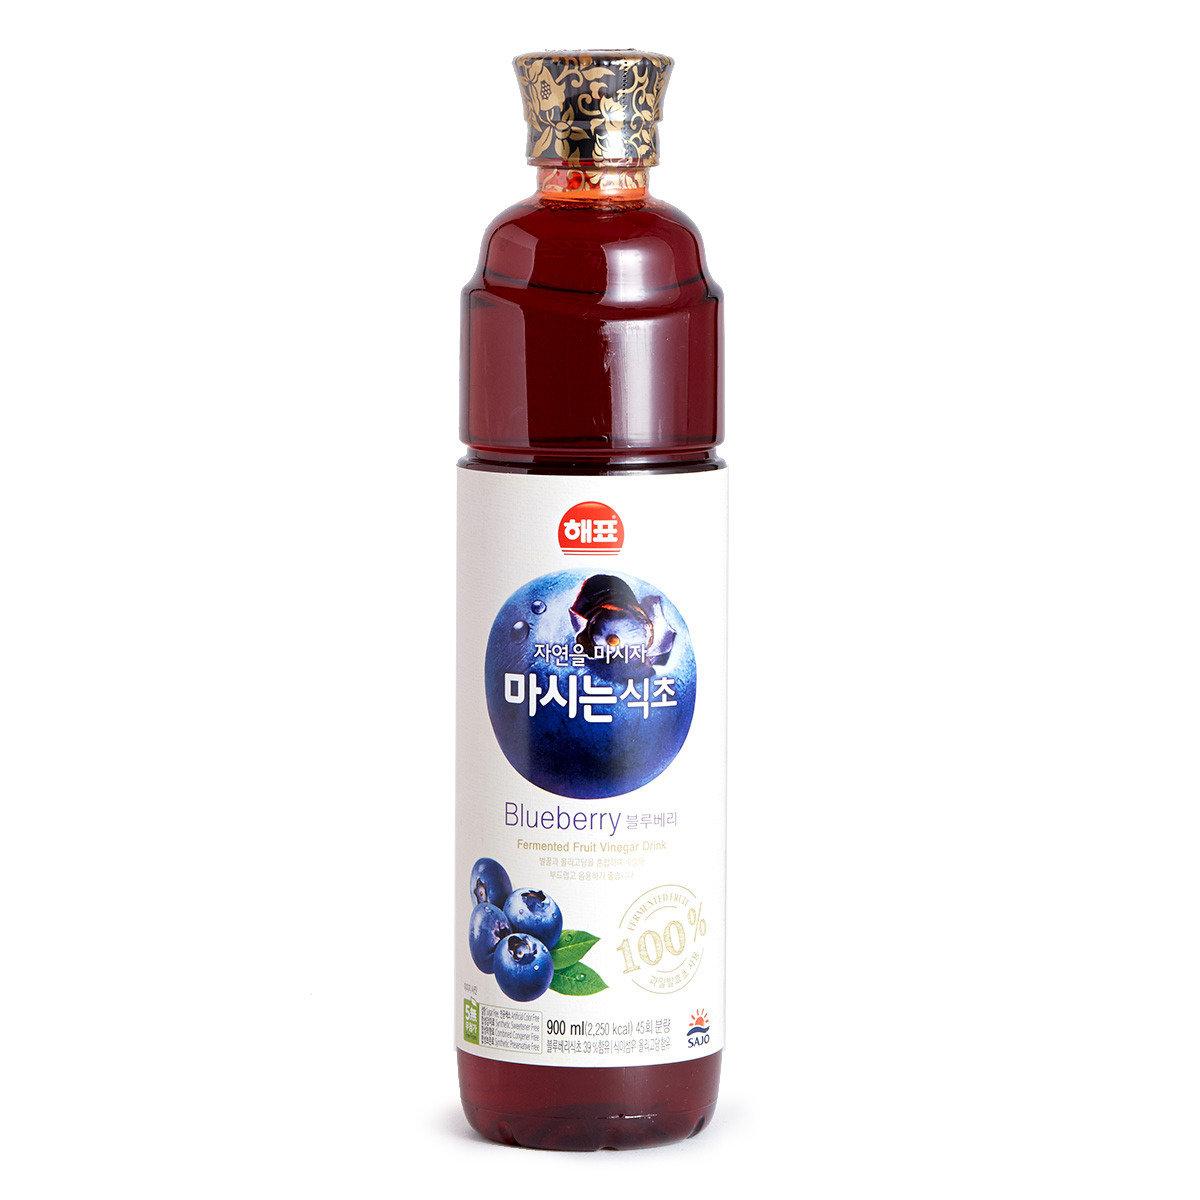 果醋 - 藍莓 (樽裝)